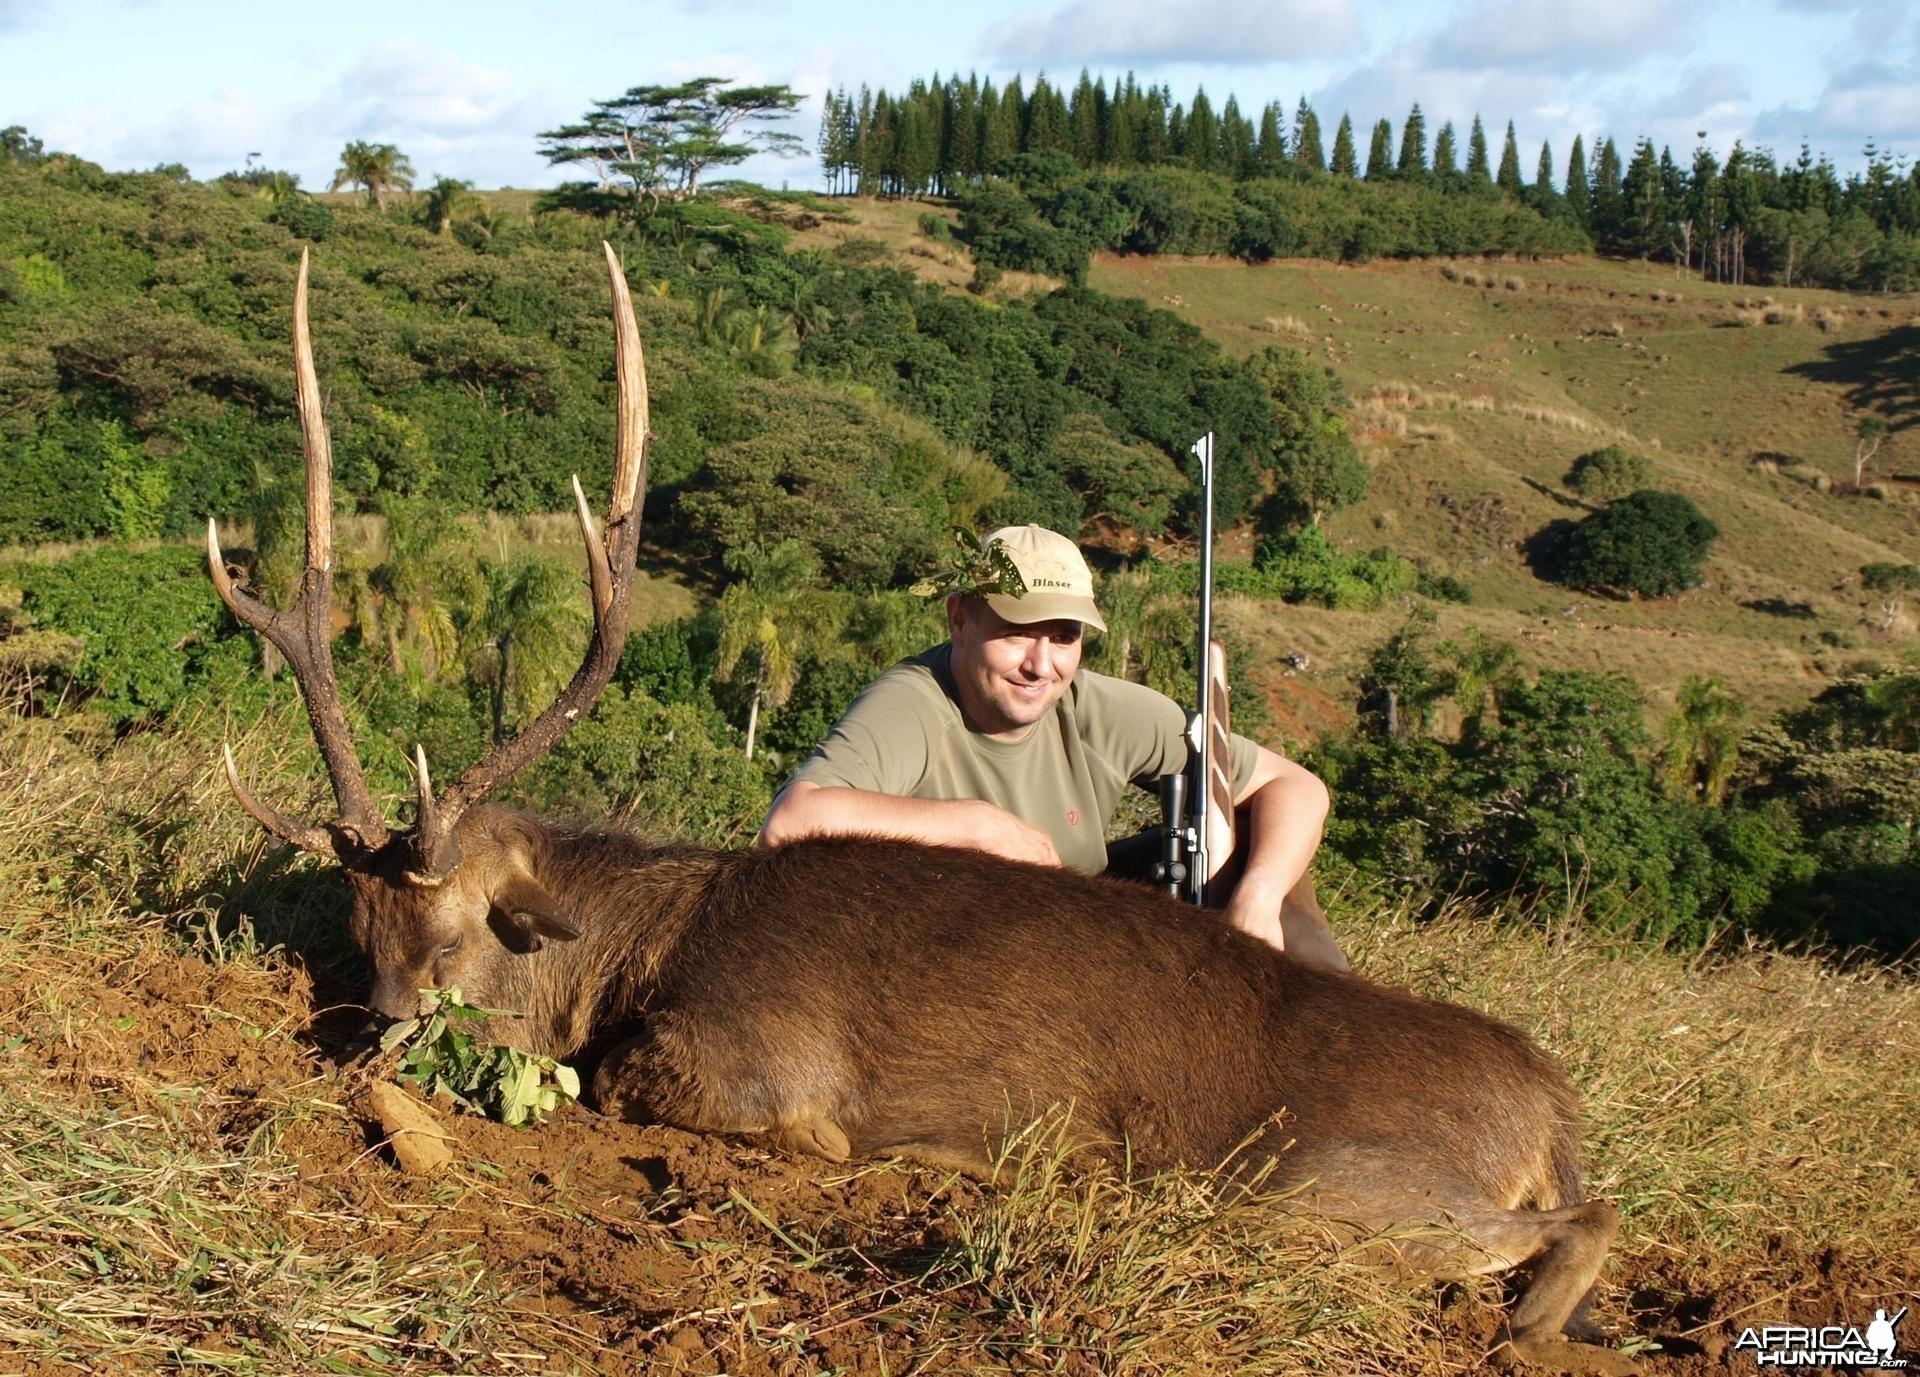 Rusa deer hunted in Mauritius